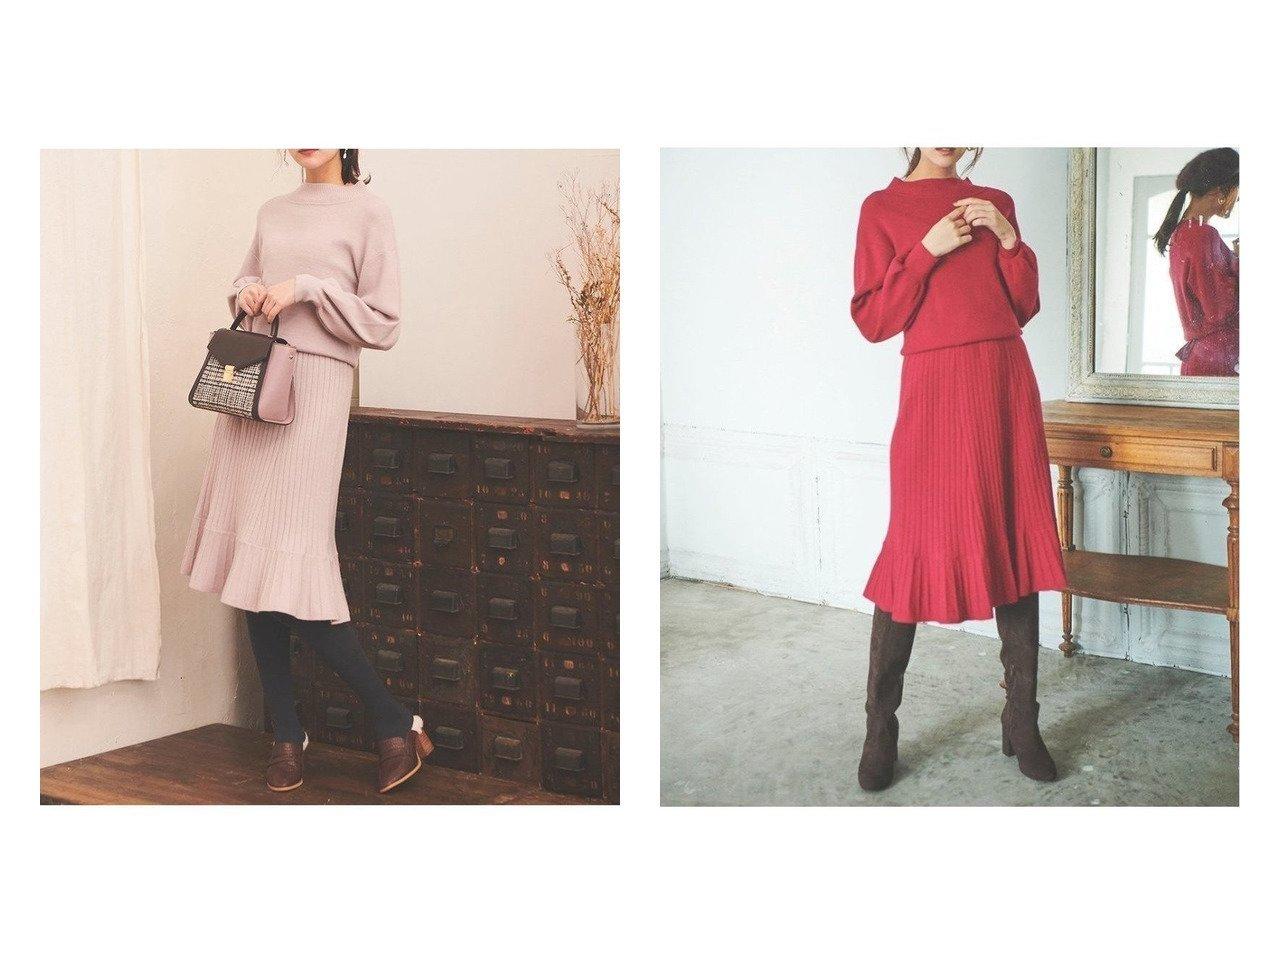 【31 Sons de mode/トランテアン ソン ドゥ モード】のHNリラックスフレアニットワンピース ワンピース・ドレスのおすすめ!人気、レディースファッションの通販 おすすめで人気のファッション通販商品 インテリア・家具・キッズファッション・メンズファッション・レディースファッション・服の通販 founy(ファニー) https://founy.com/ ファッション Fashion レディース WOMEN ワンピース Dress ニットワンピース Knit Dresses アクセサリー イヤーカフ エレガント 秋 ガーリー キャップ シューズ シンプル スリーブ 定番 ネックレス ハイネック フェミニン フレア プリーツ モックネック ロング ローズ 秋冬 A/W Autumn/ Winter 冬 Winter |ID:crp329100000001865